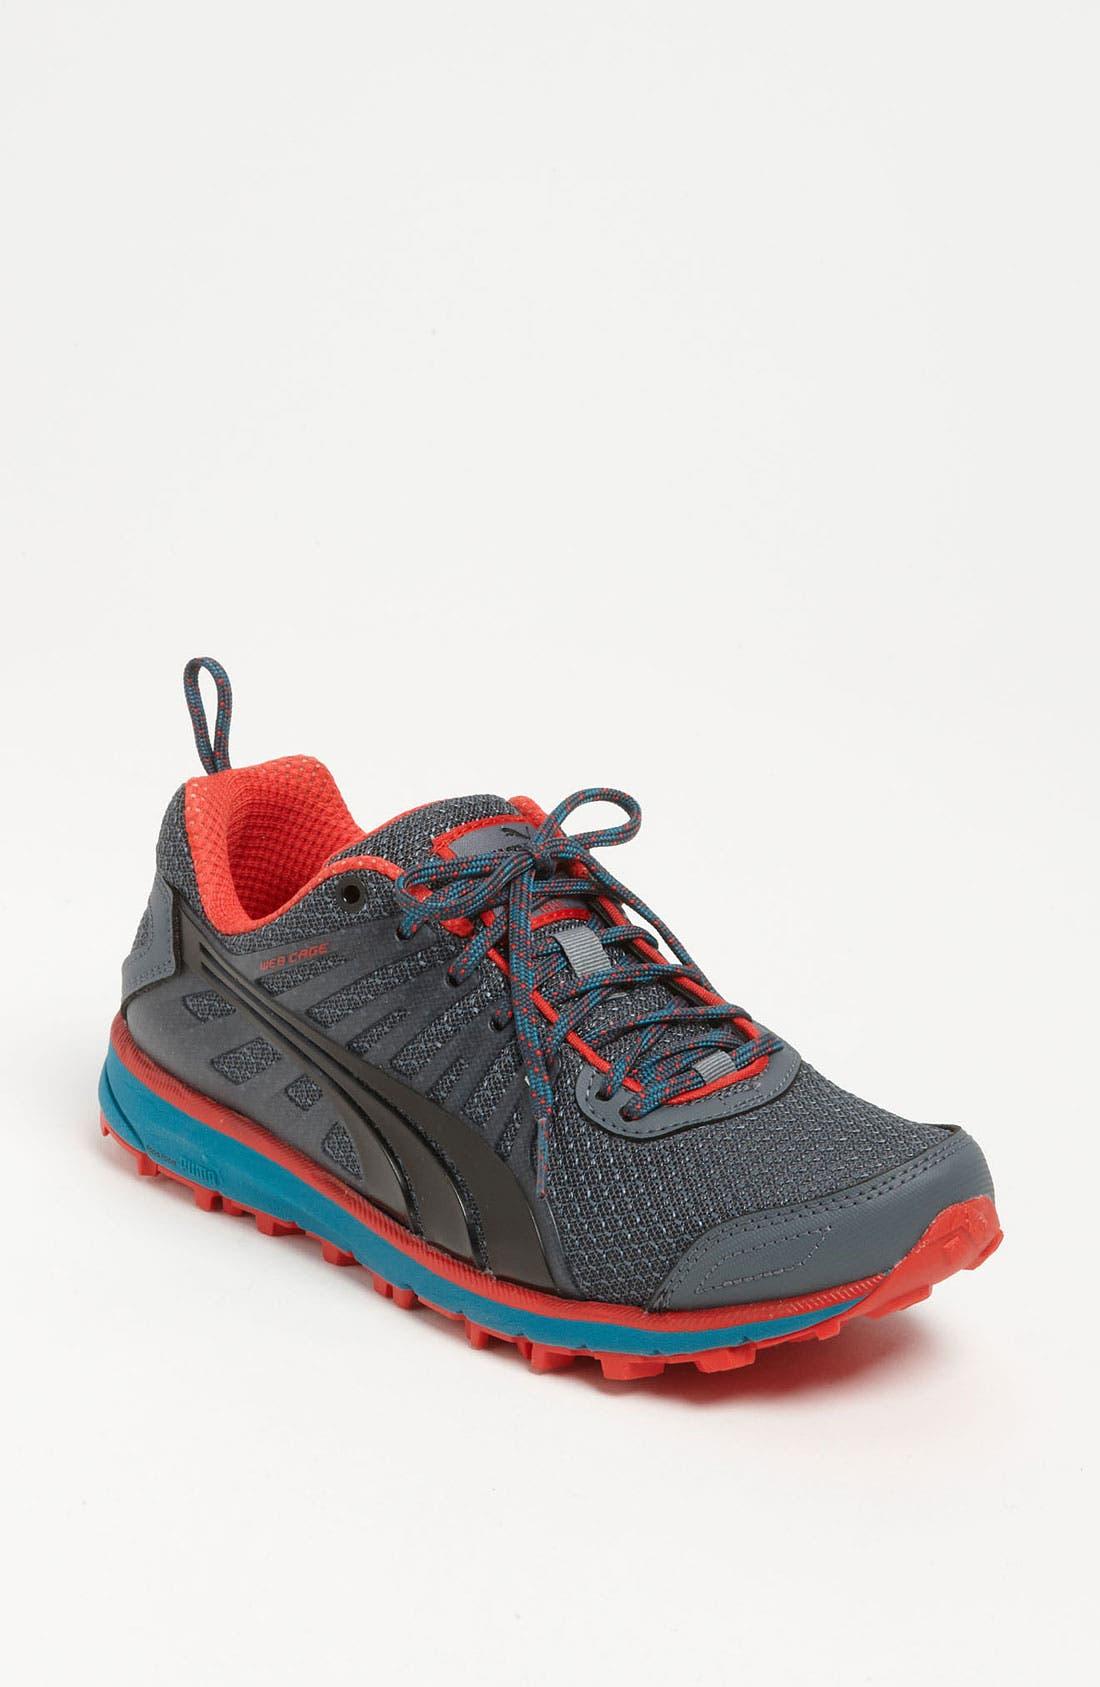 Main Image - PUMA 'Faas 300' Trail Running Shoe (Women)